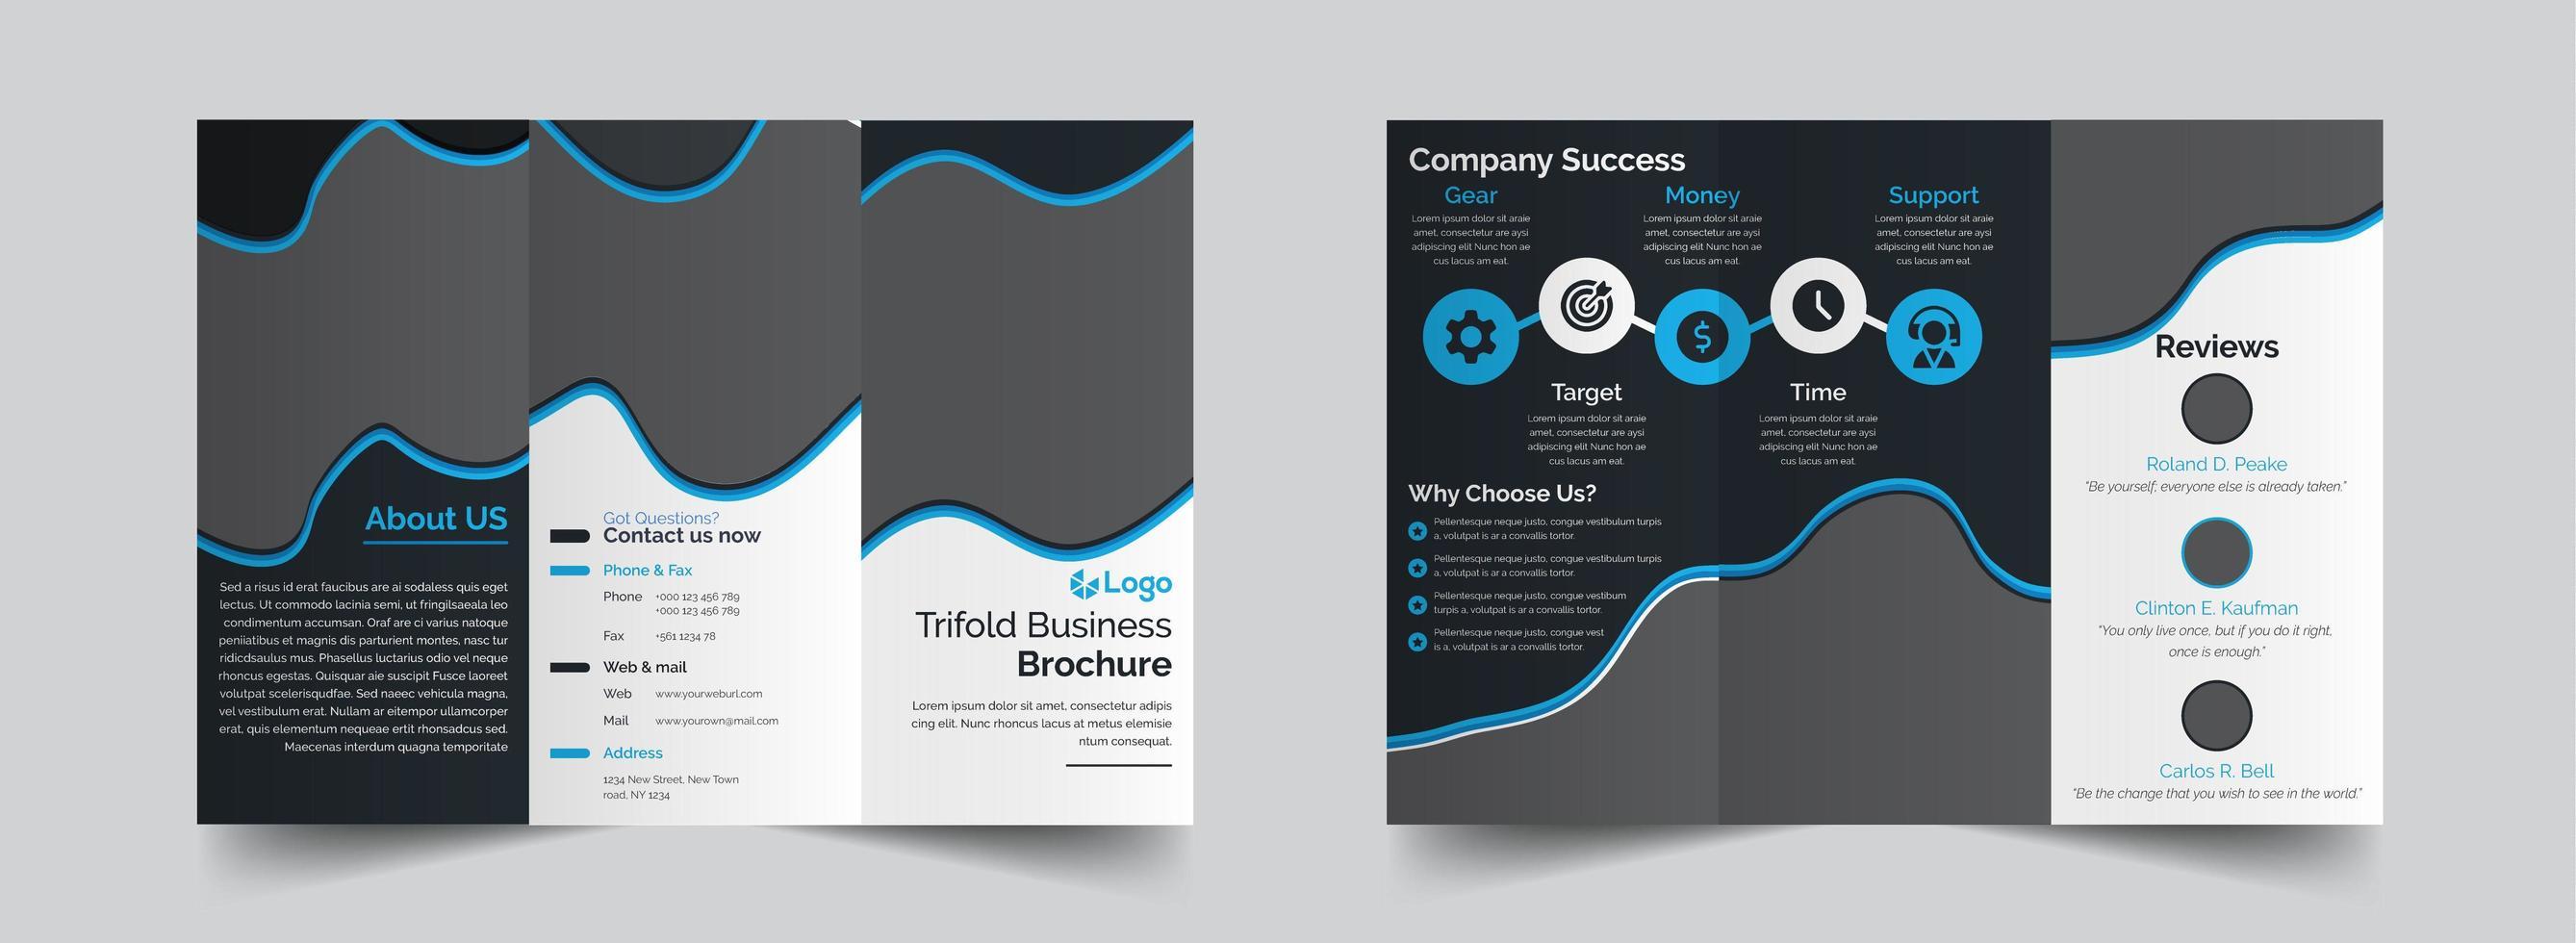 trifold vätskeform broschyr formgivningsmall vektor